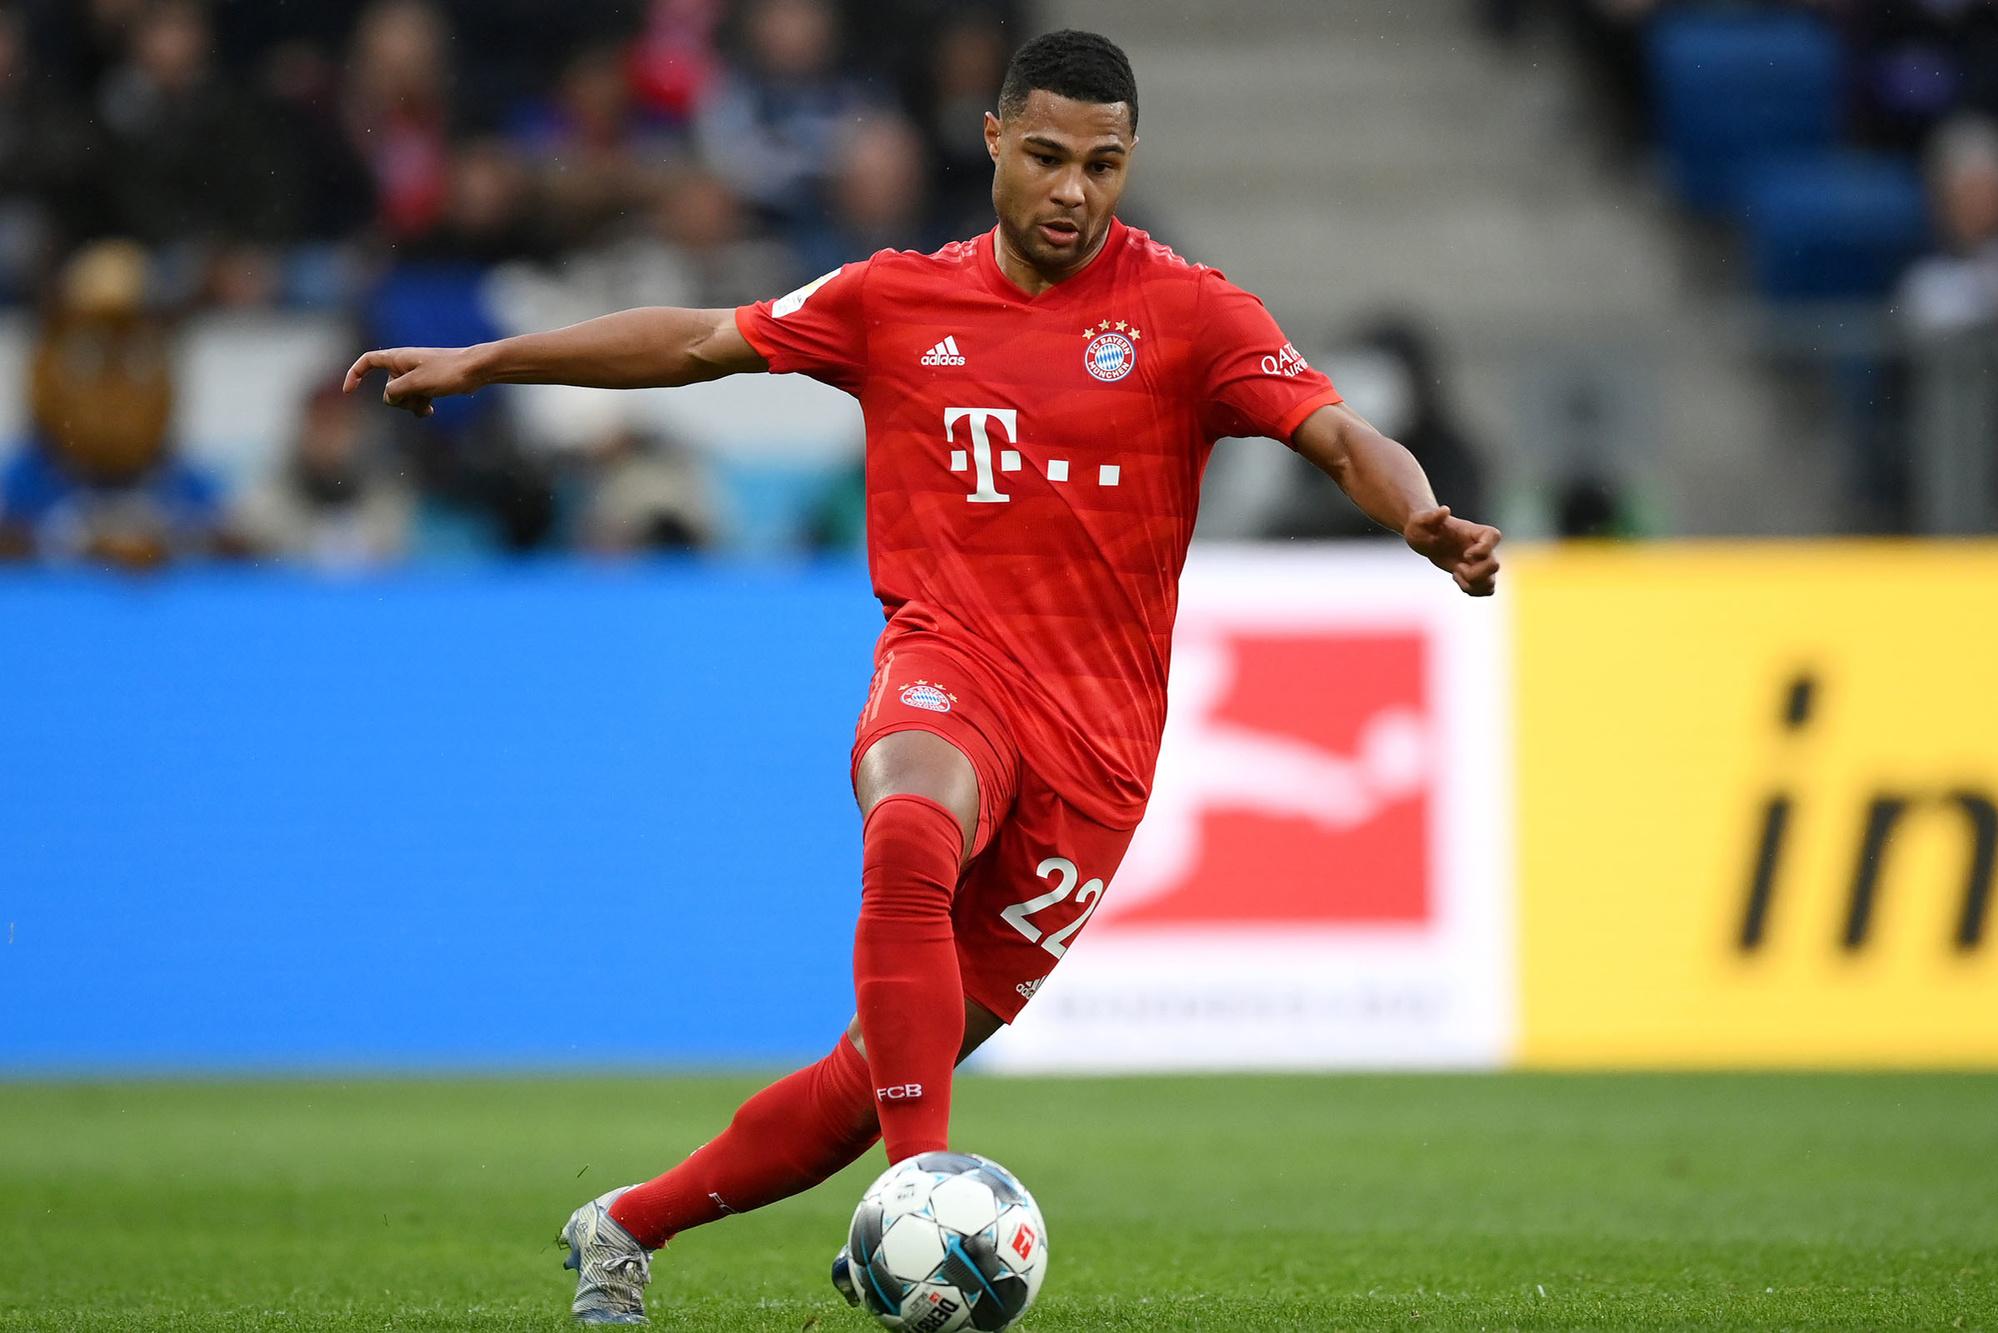 Karl-Heinz Rummenigge: 'Hij is snel, kan dribbelen en scoren. Serge is bij Bayern volwassen geworden.', GETTY